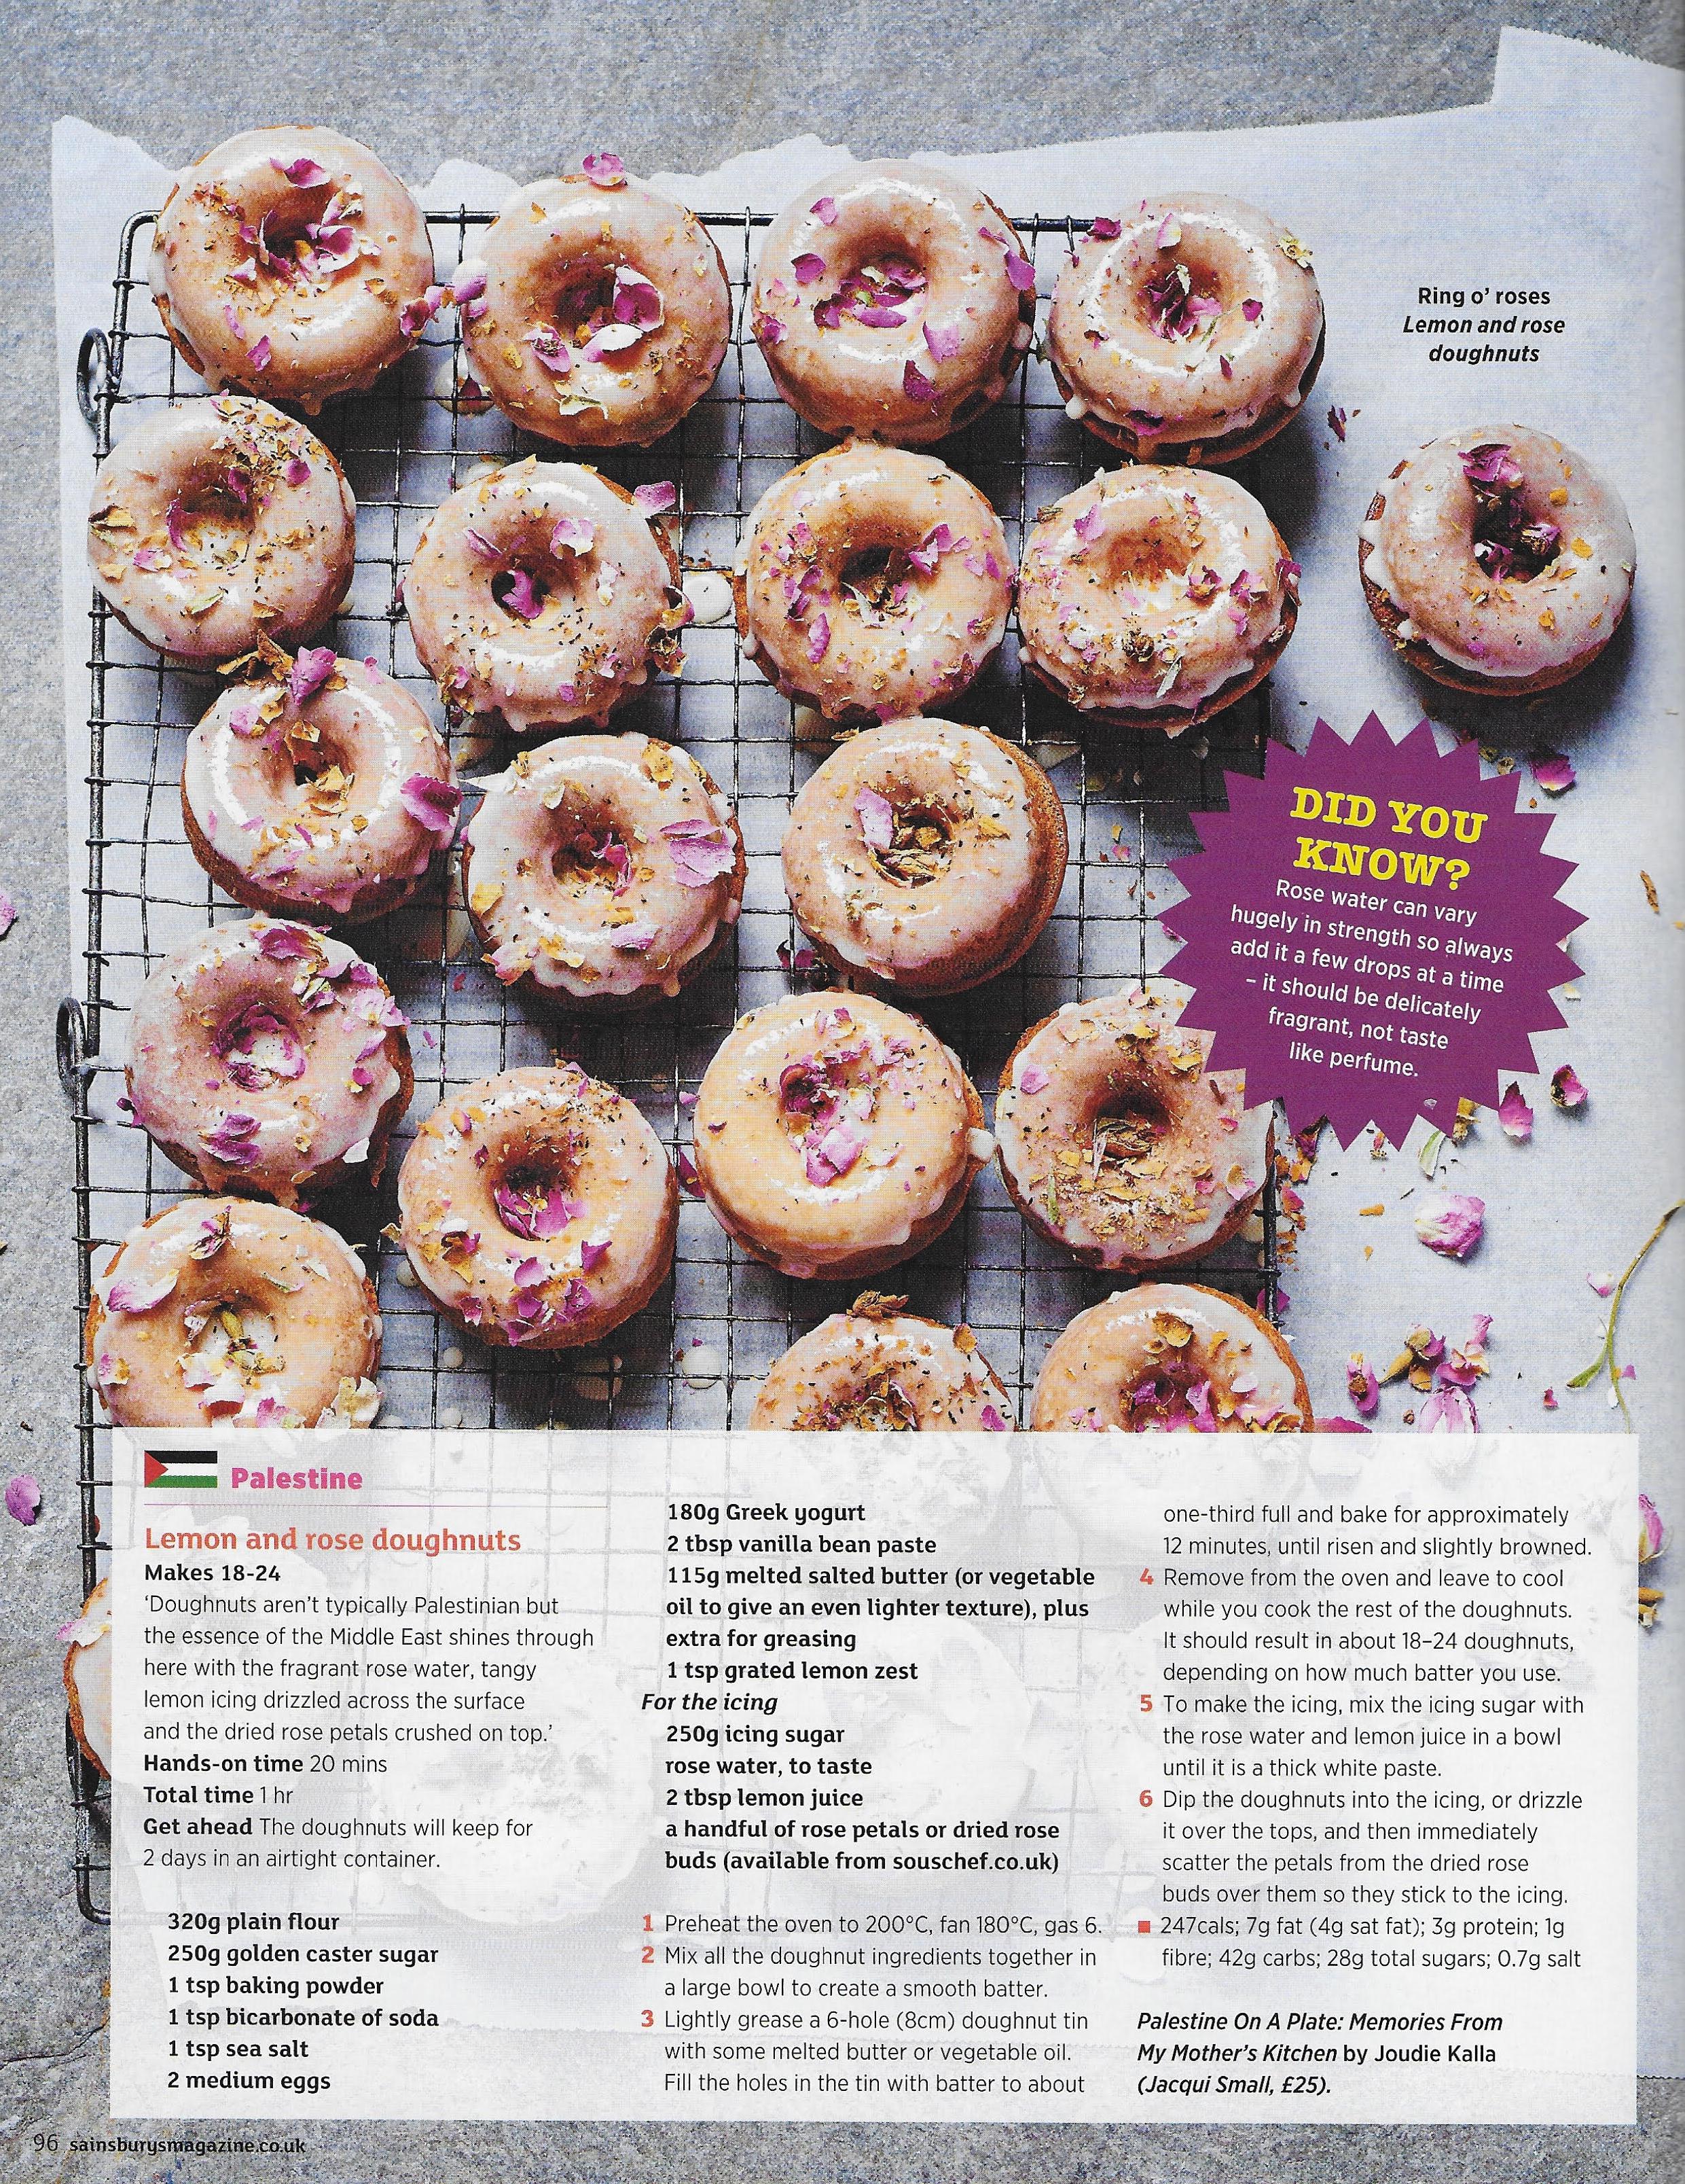 Sainsburys The bake 2.jpg